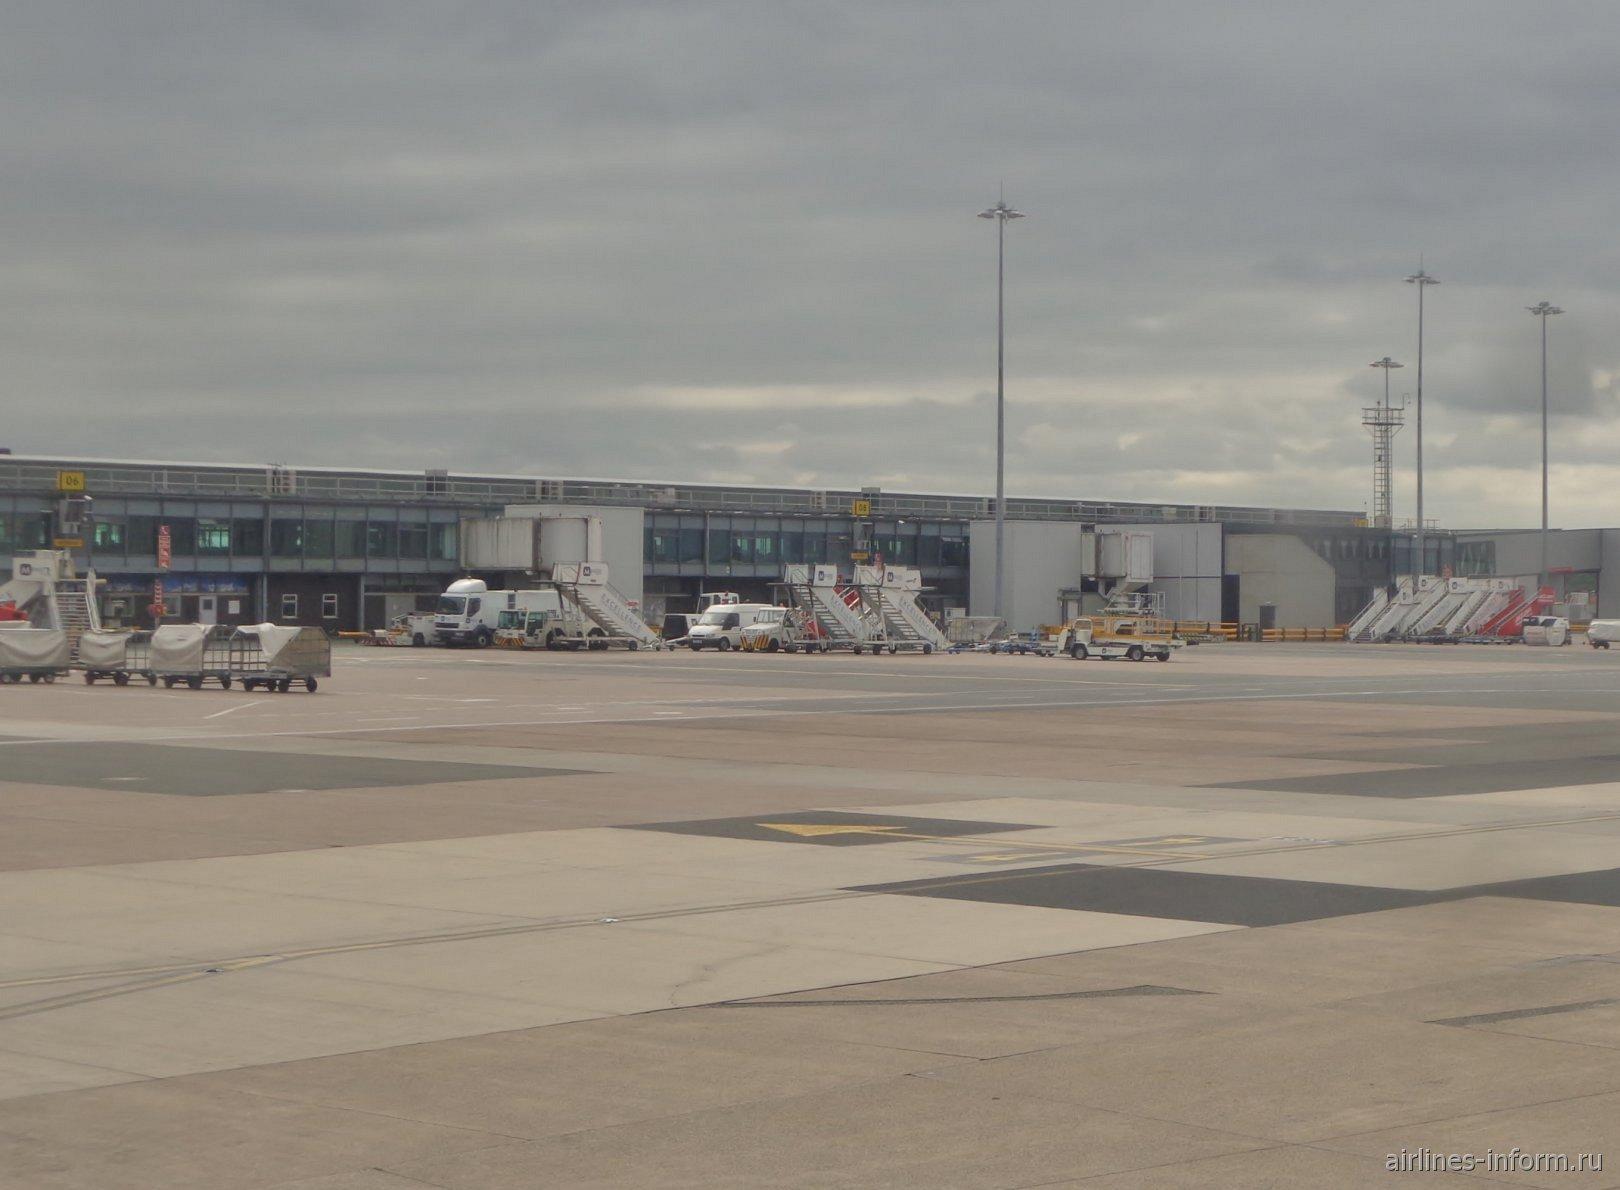 Вид с перрона на пассажирский терминал 1 аэропорта Манчестер